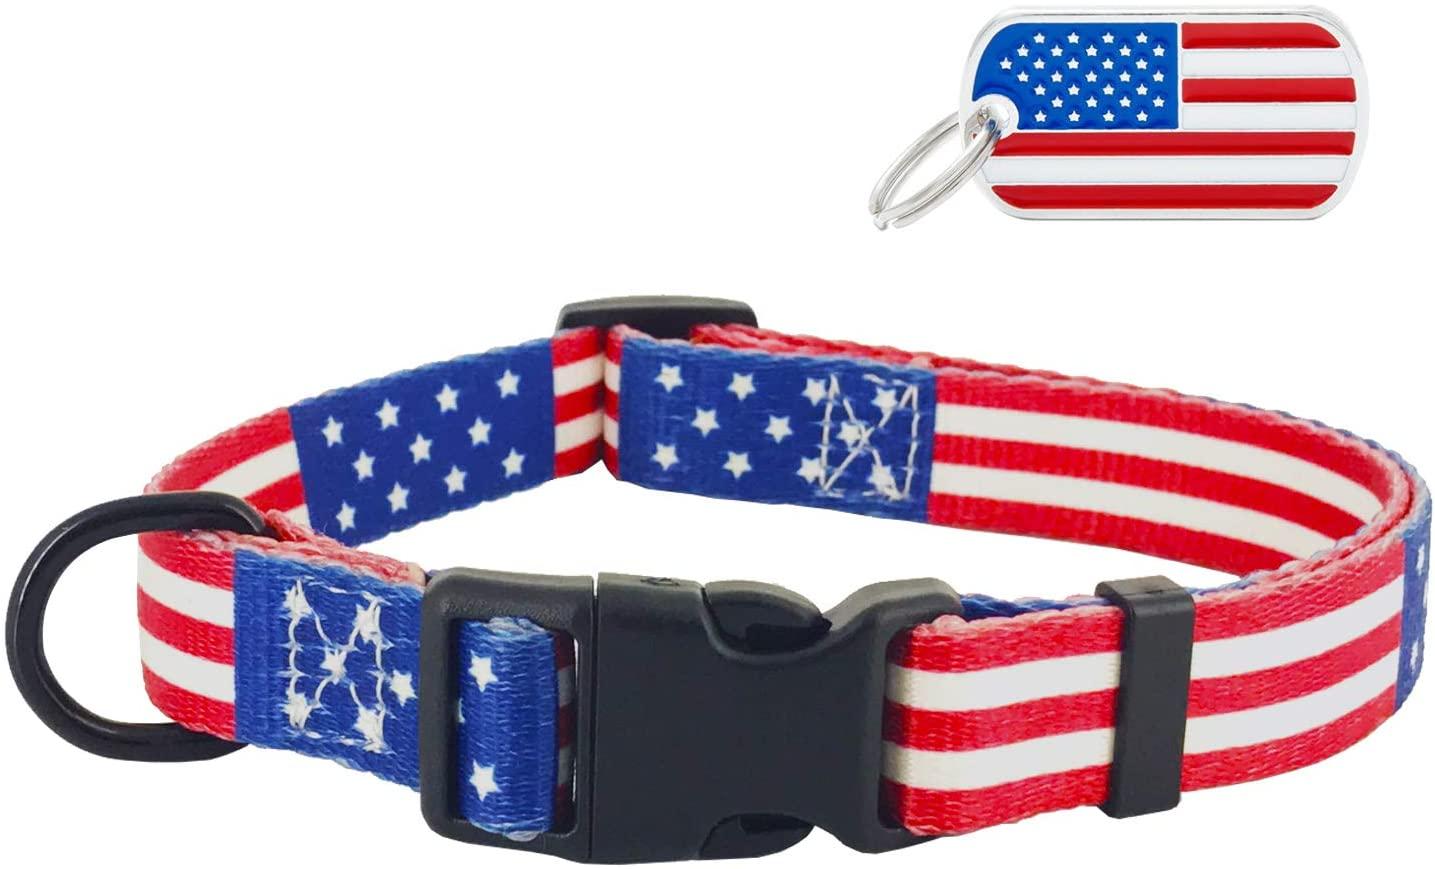 UVONOKAY American Flag Dog Collar and Leash in 3 Different Sizes American Flag Collar y Correa para Perros en 3 tamaños diferentes